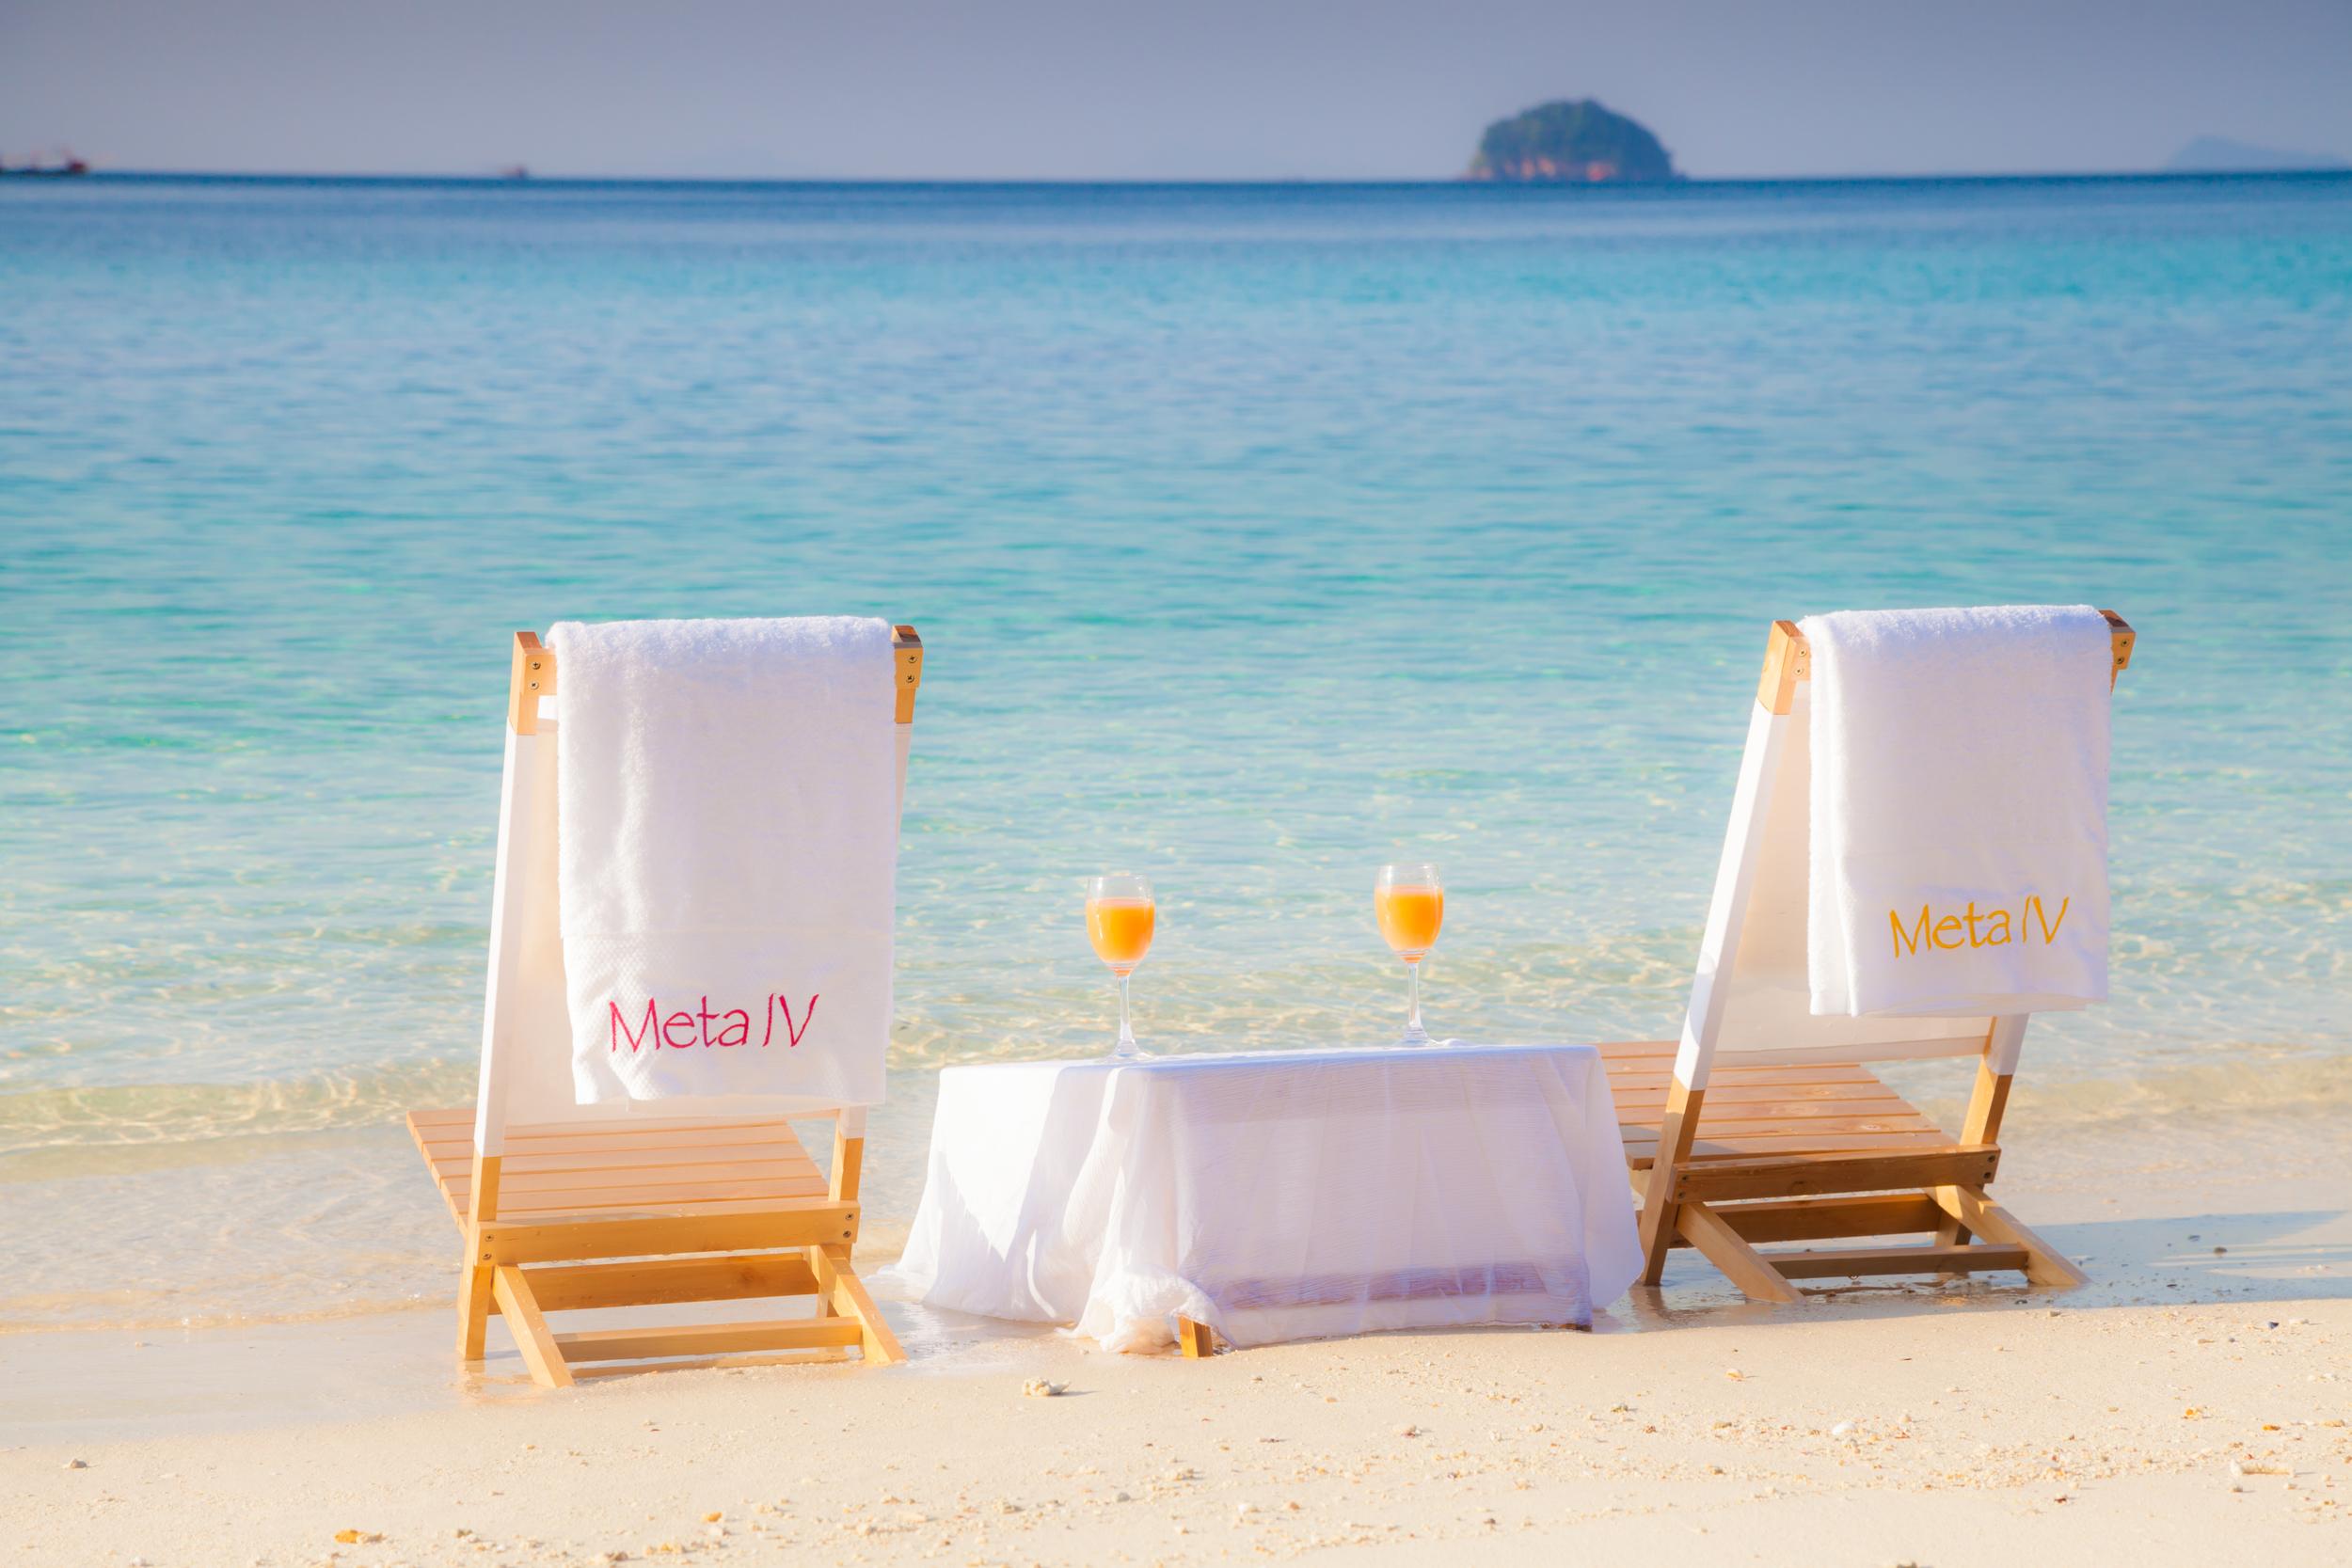 BB_MetaIV_at_the_beach3.jpg